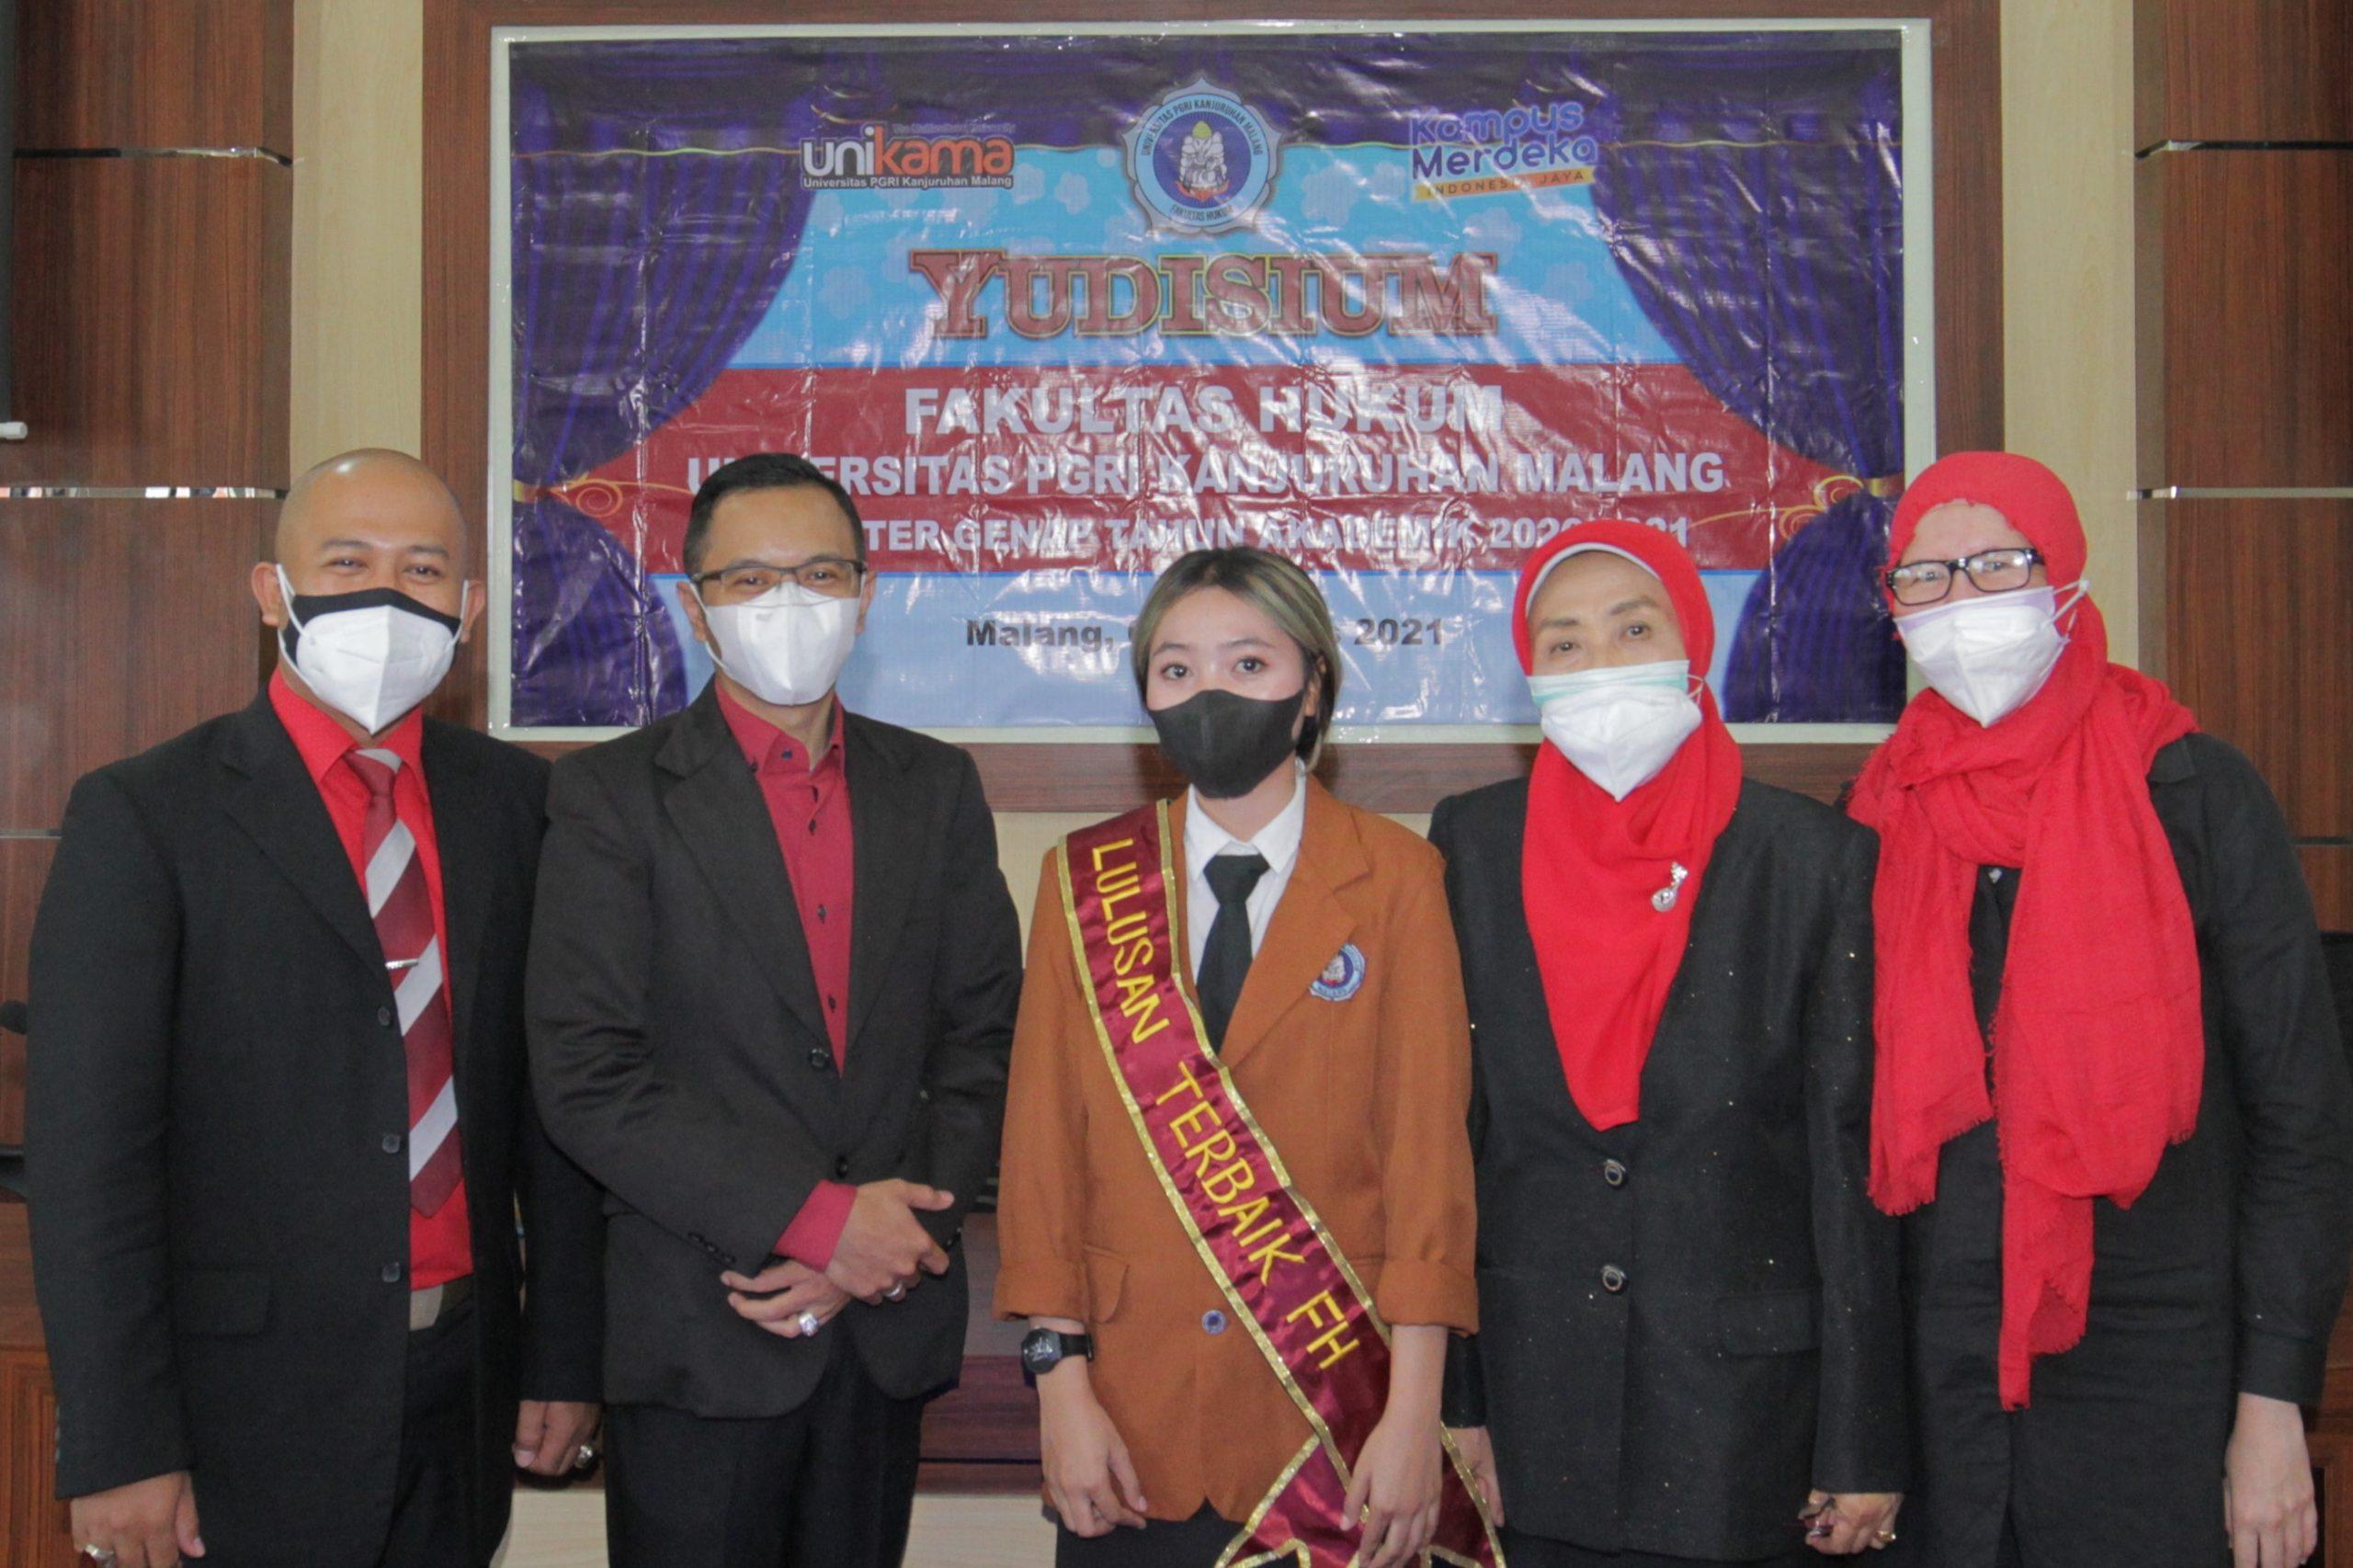 Fakultas Hukum Universitas PGRI Kanjuruhan Gelar Yudisium Virtual, Luluskan 17 Wisudawan